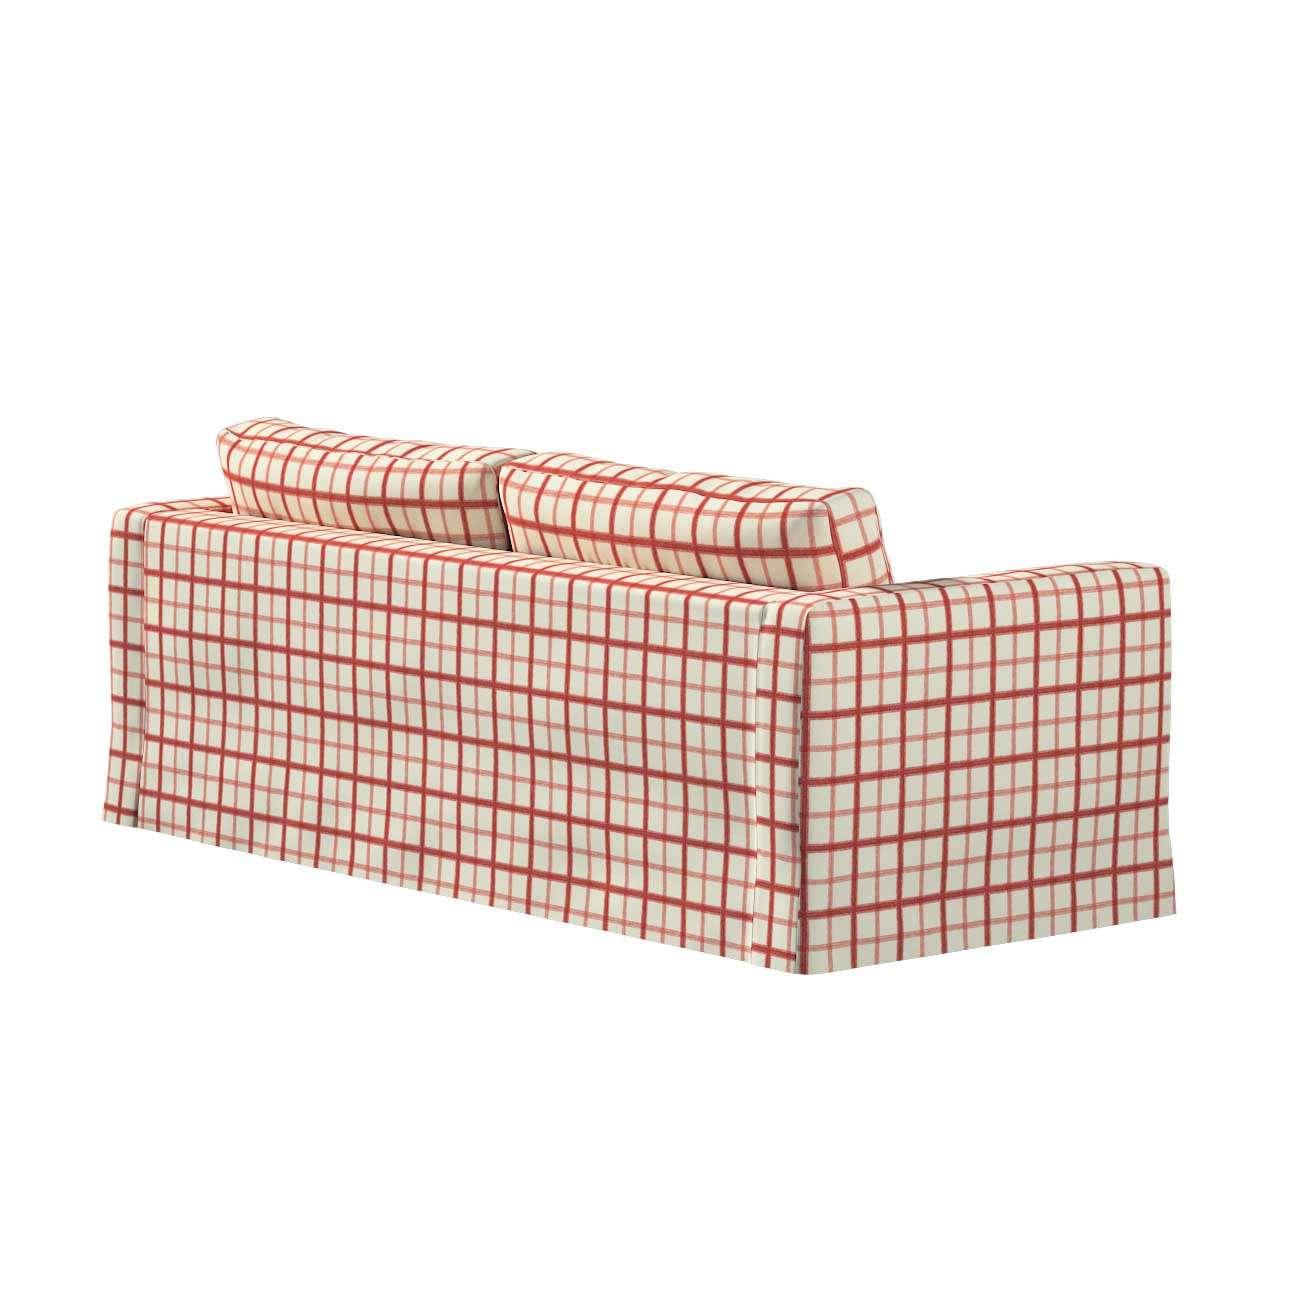 Karlstad 3-Sitzer Sofabezug nicht ausklappbar lang von der Kollektion Avinon, Stoff: 131-15